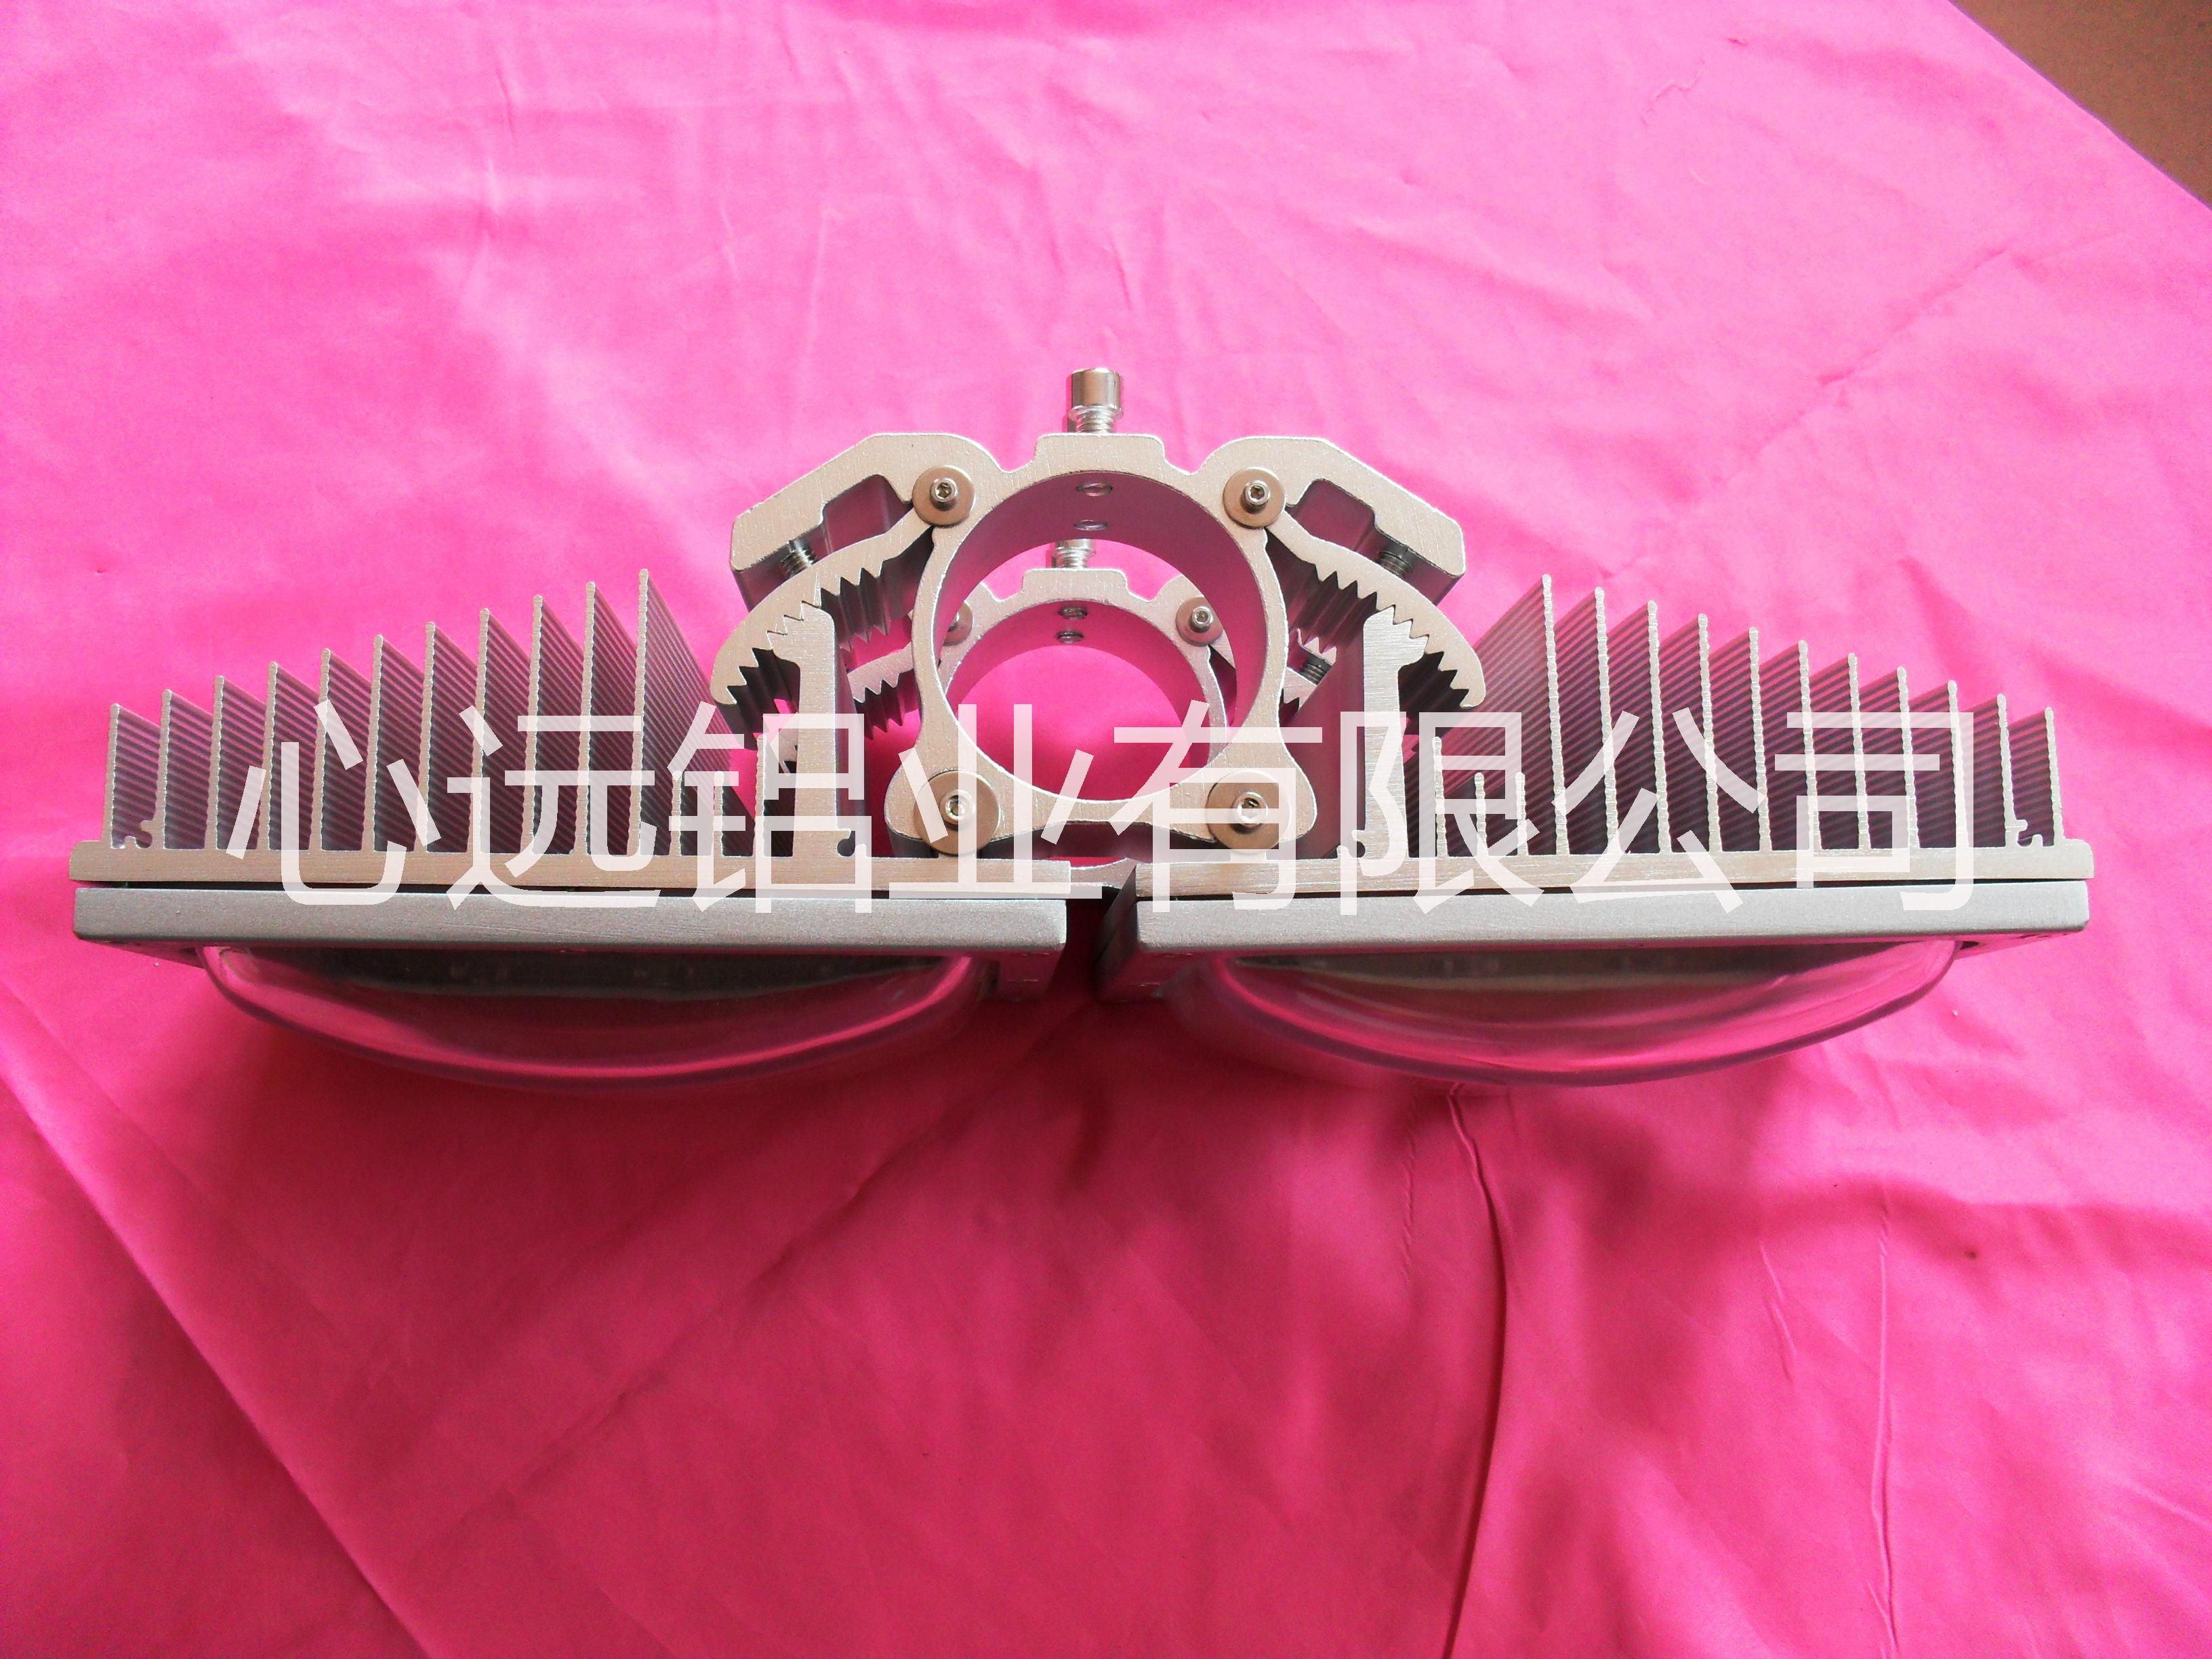 专业生产各类 LED外壳灯饰外壳线条灯外壳集鱼灯外壳